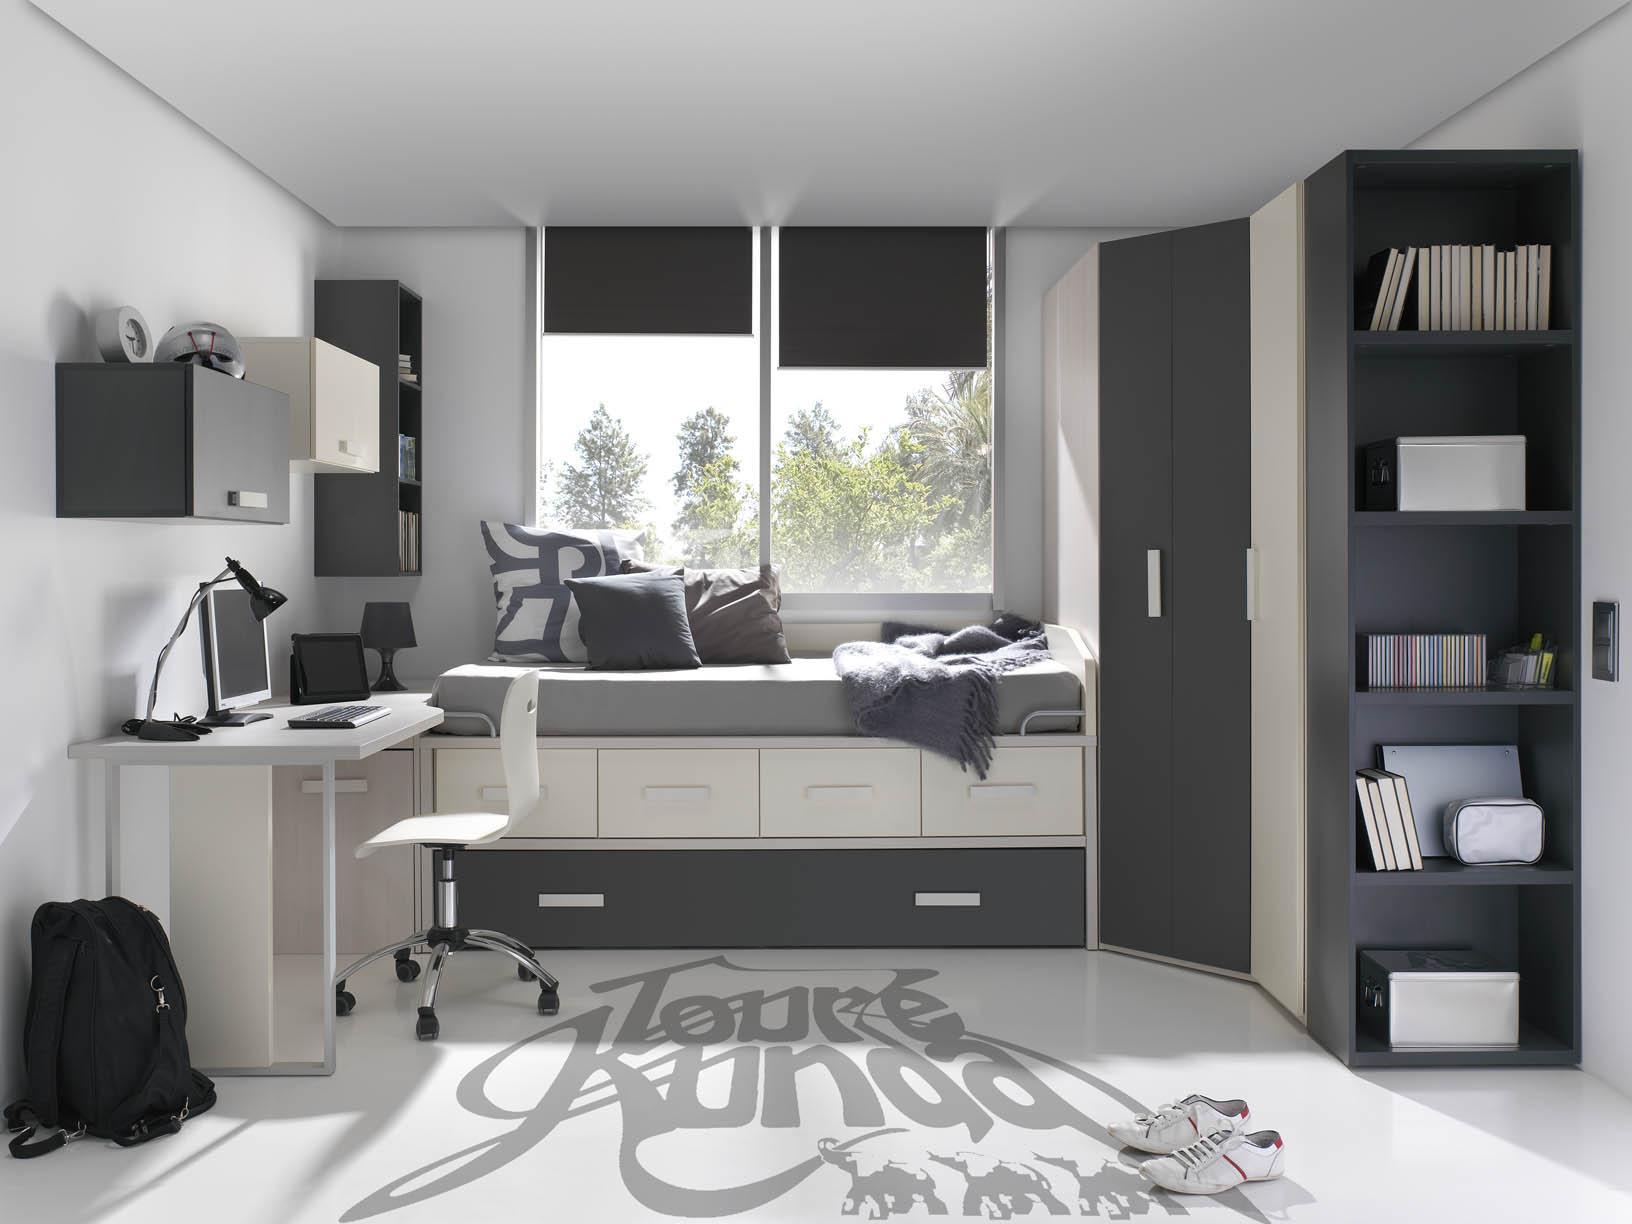 Muebles modulares para el dormitorio juvenil muebles - Dormitorio juvenil decoracion ...